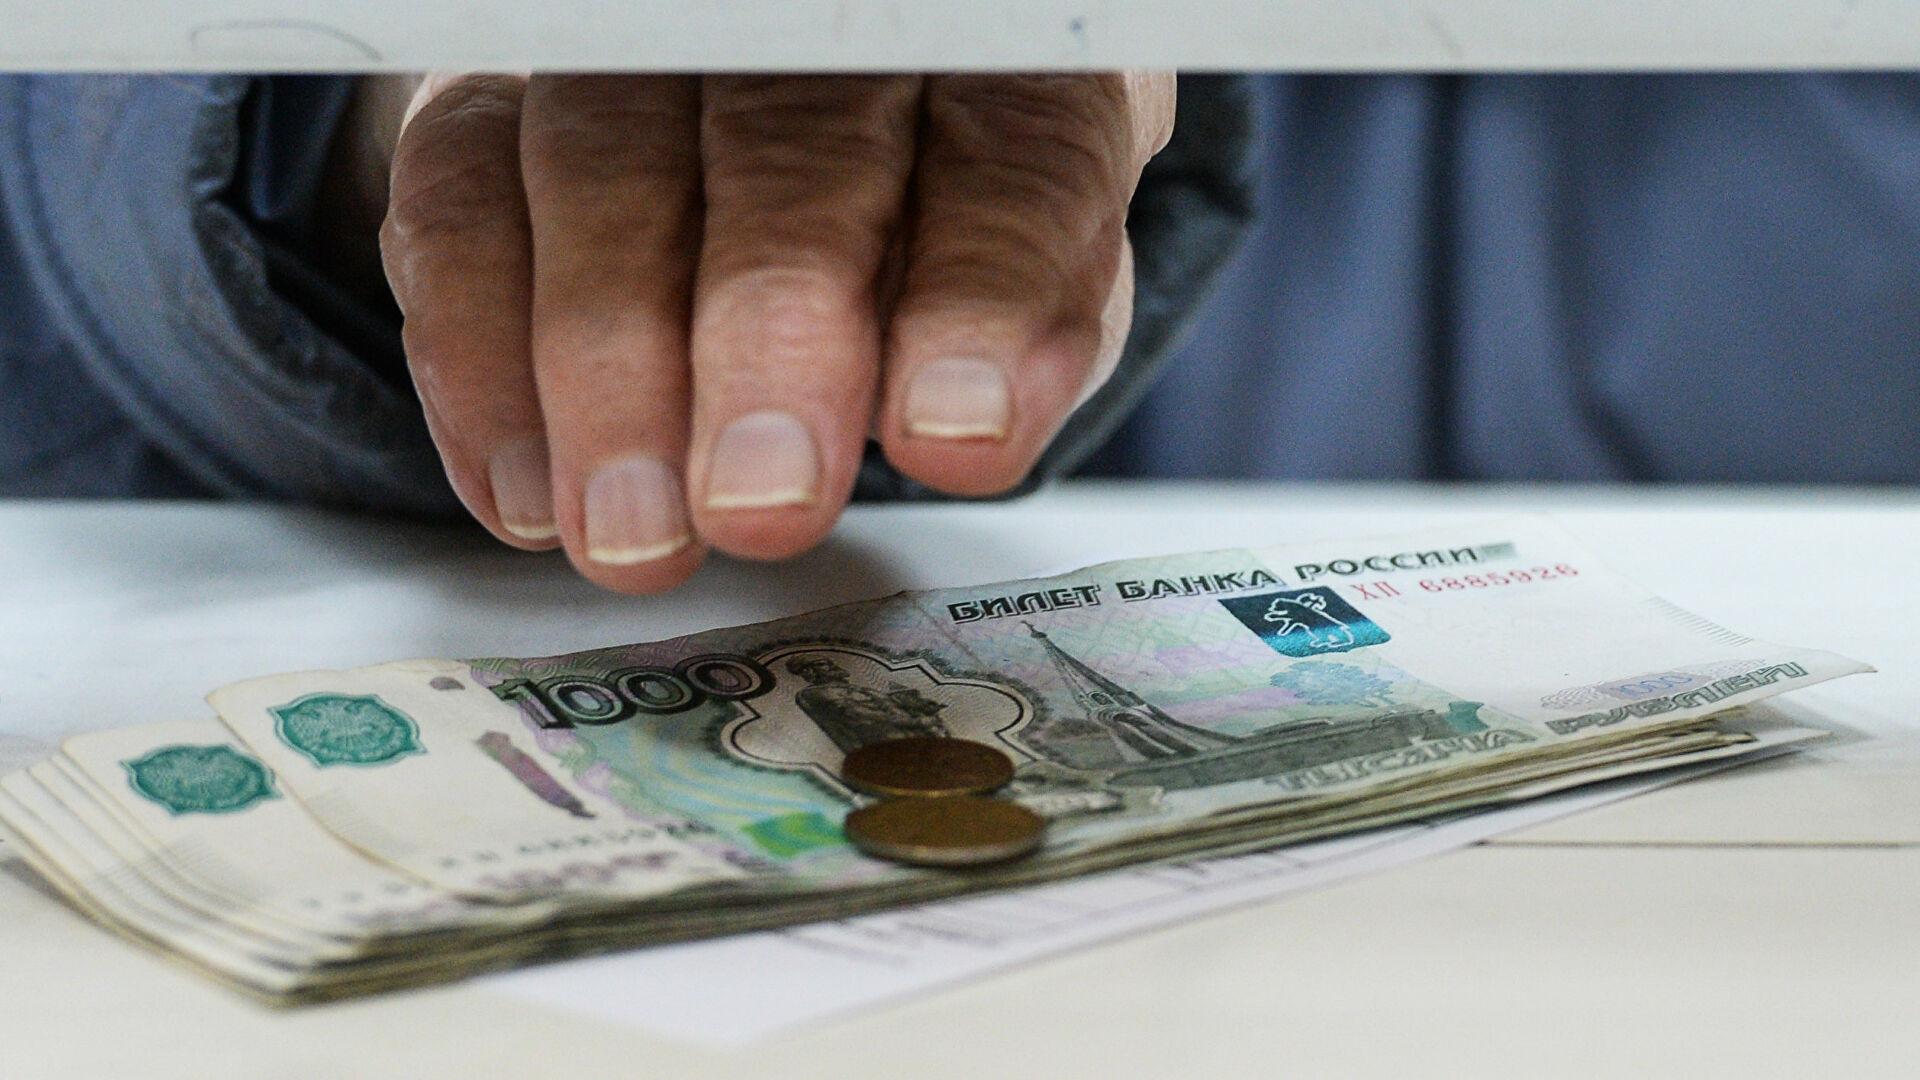 Пенсия - наступление пенсионного возраста, новости о пенсии 2020